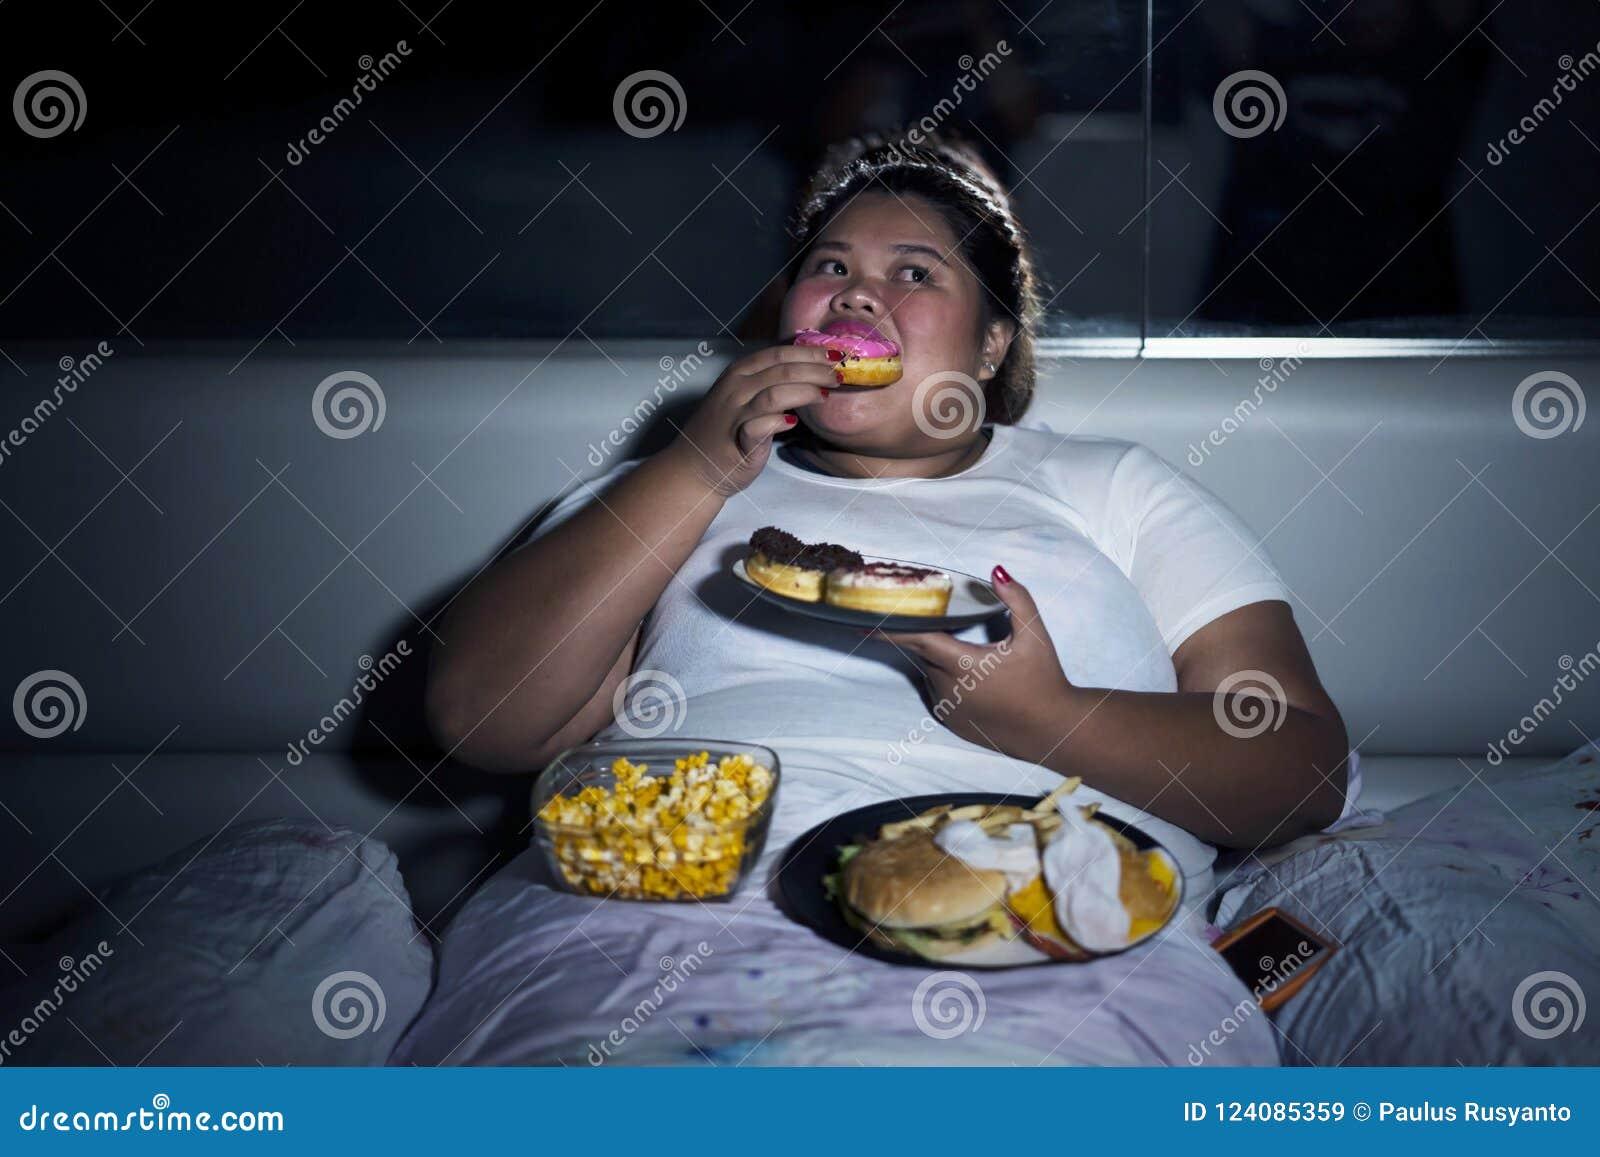 Gordas comiendo